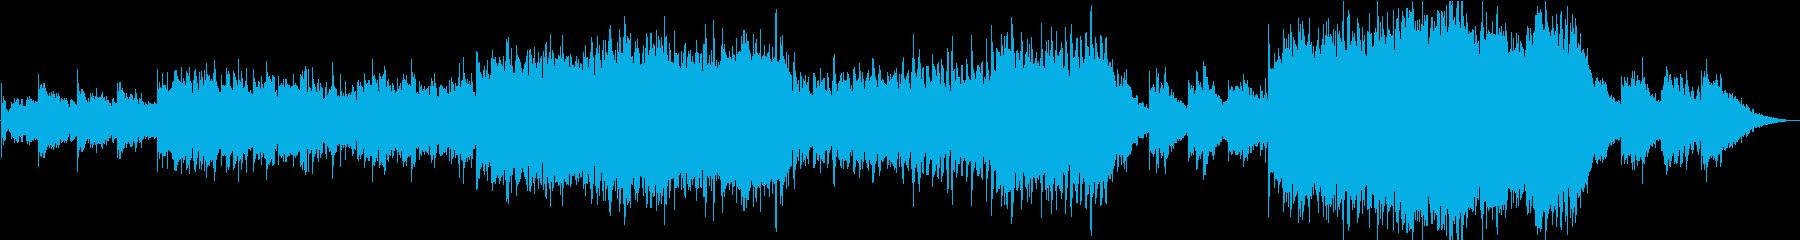 アコースティックギター、ピアノ、青...の再生済みの波形